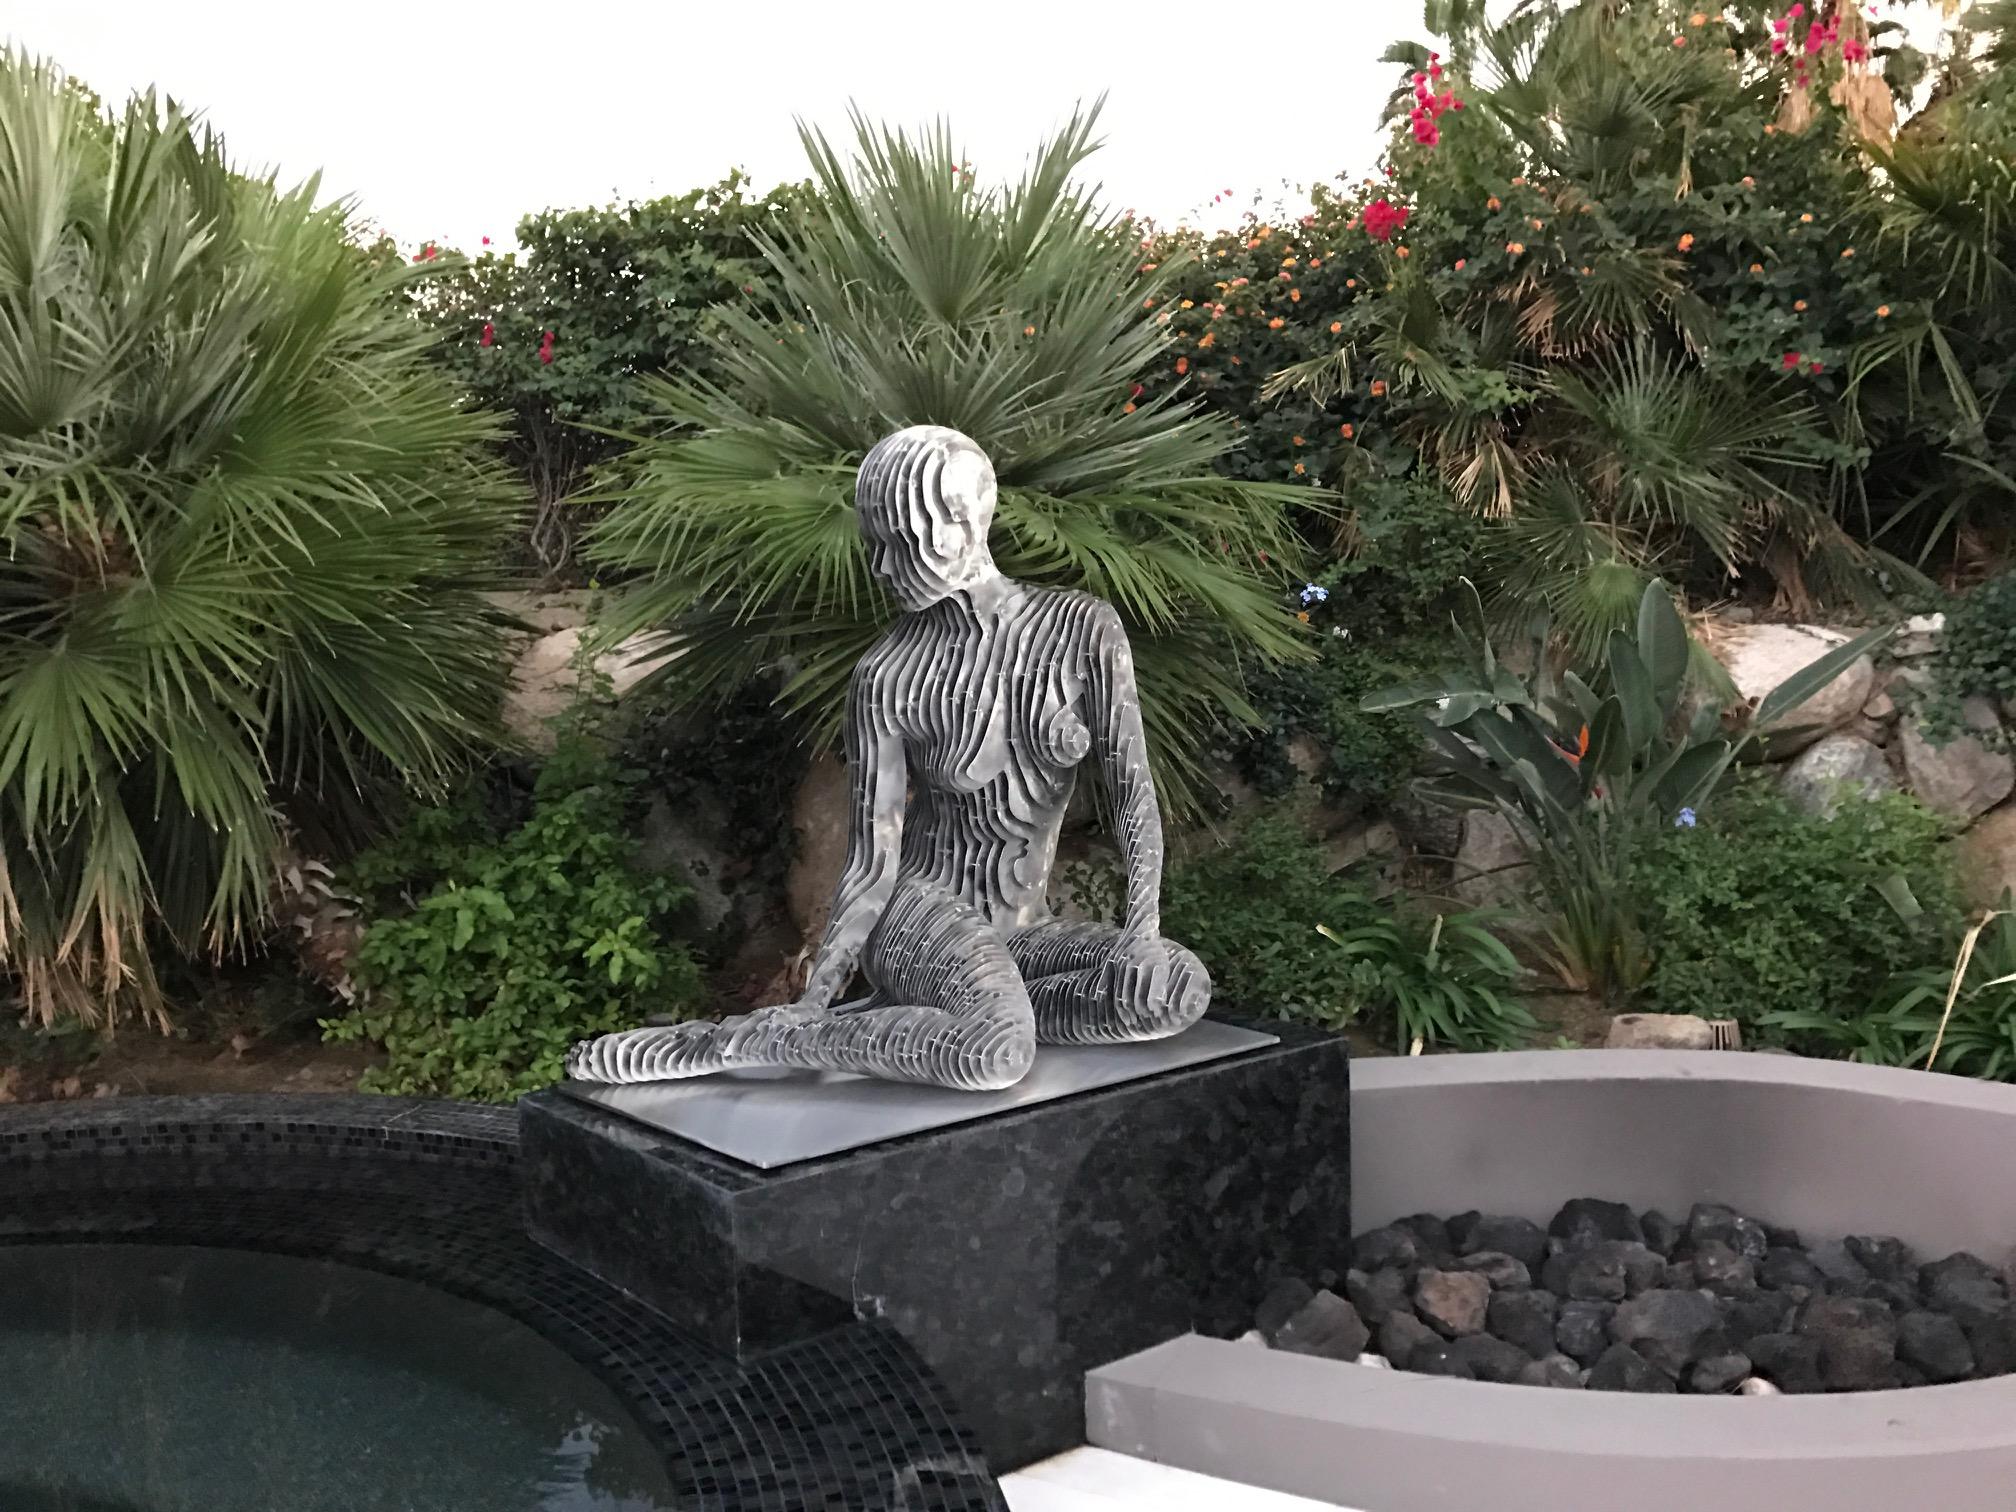 Mermaid installed 2